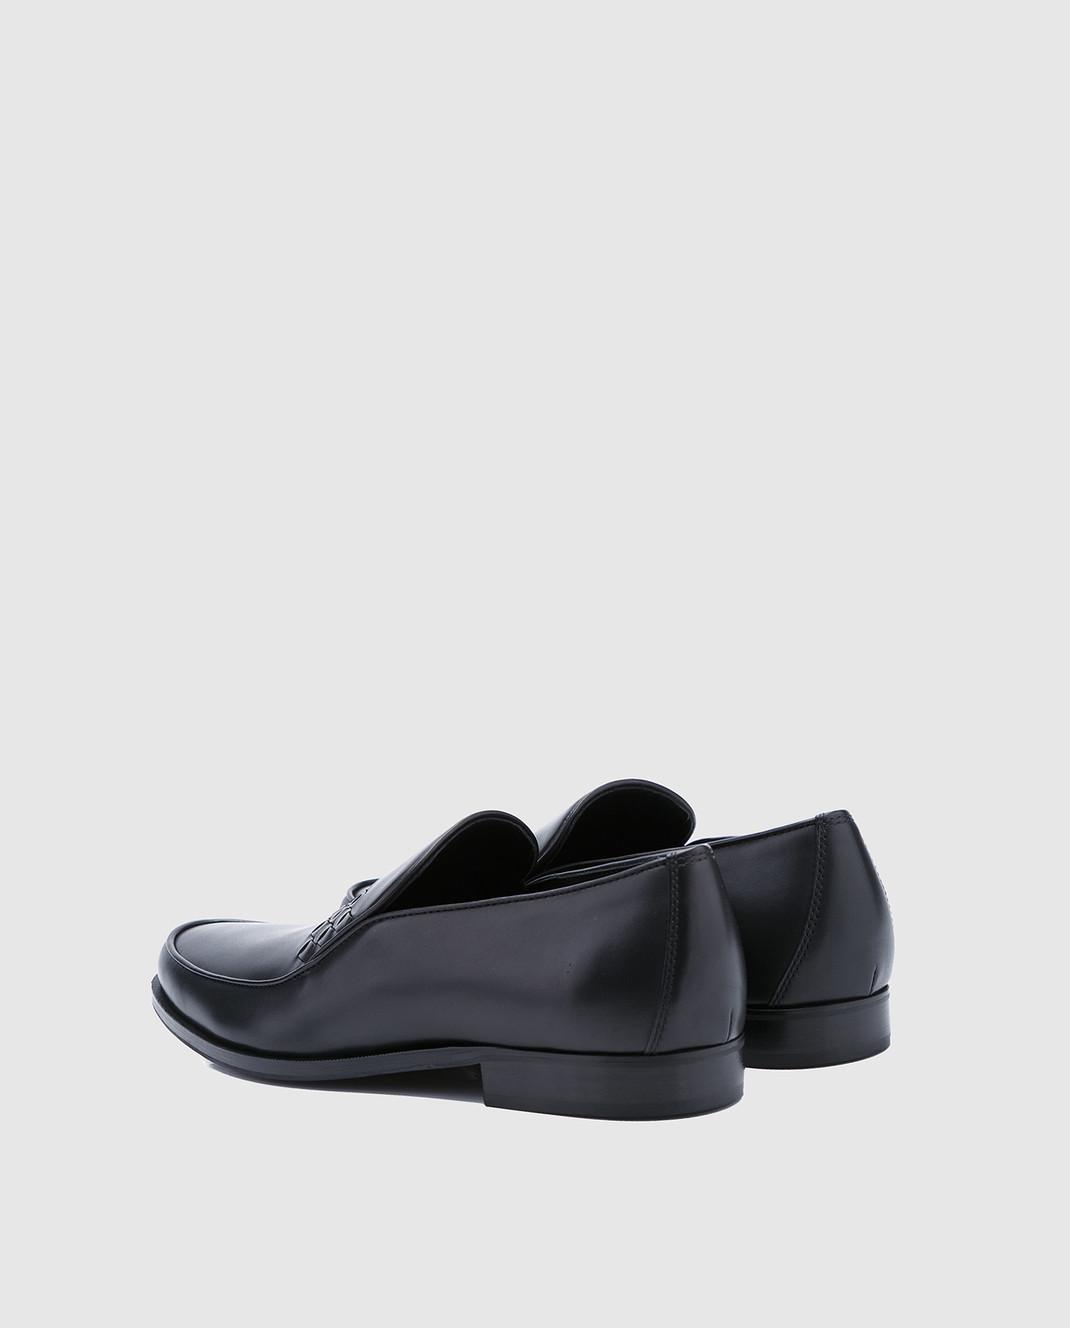 Bottega Veneta Черные кожаные лоферы 496894 изображение 3